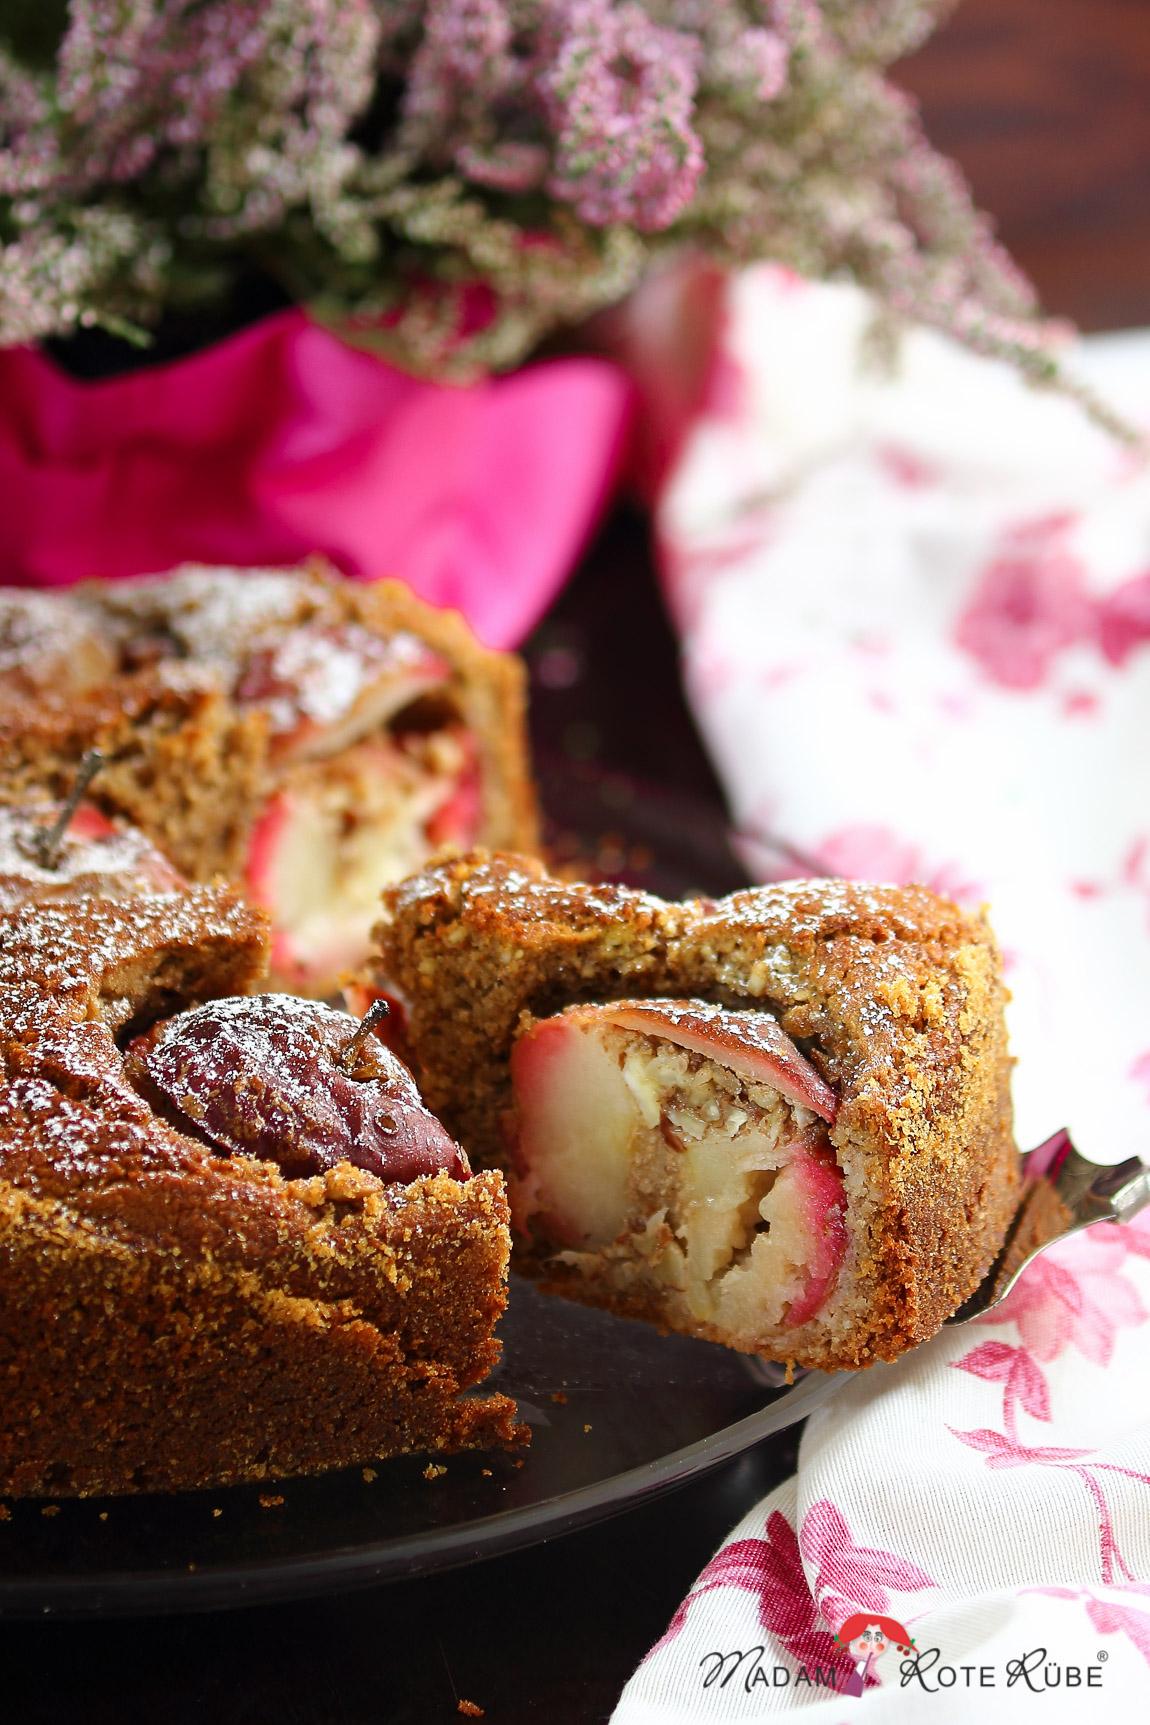 Madam Rote Rübe - Bratapfelkuchen mit Eierlikör-Mandelfüllung